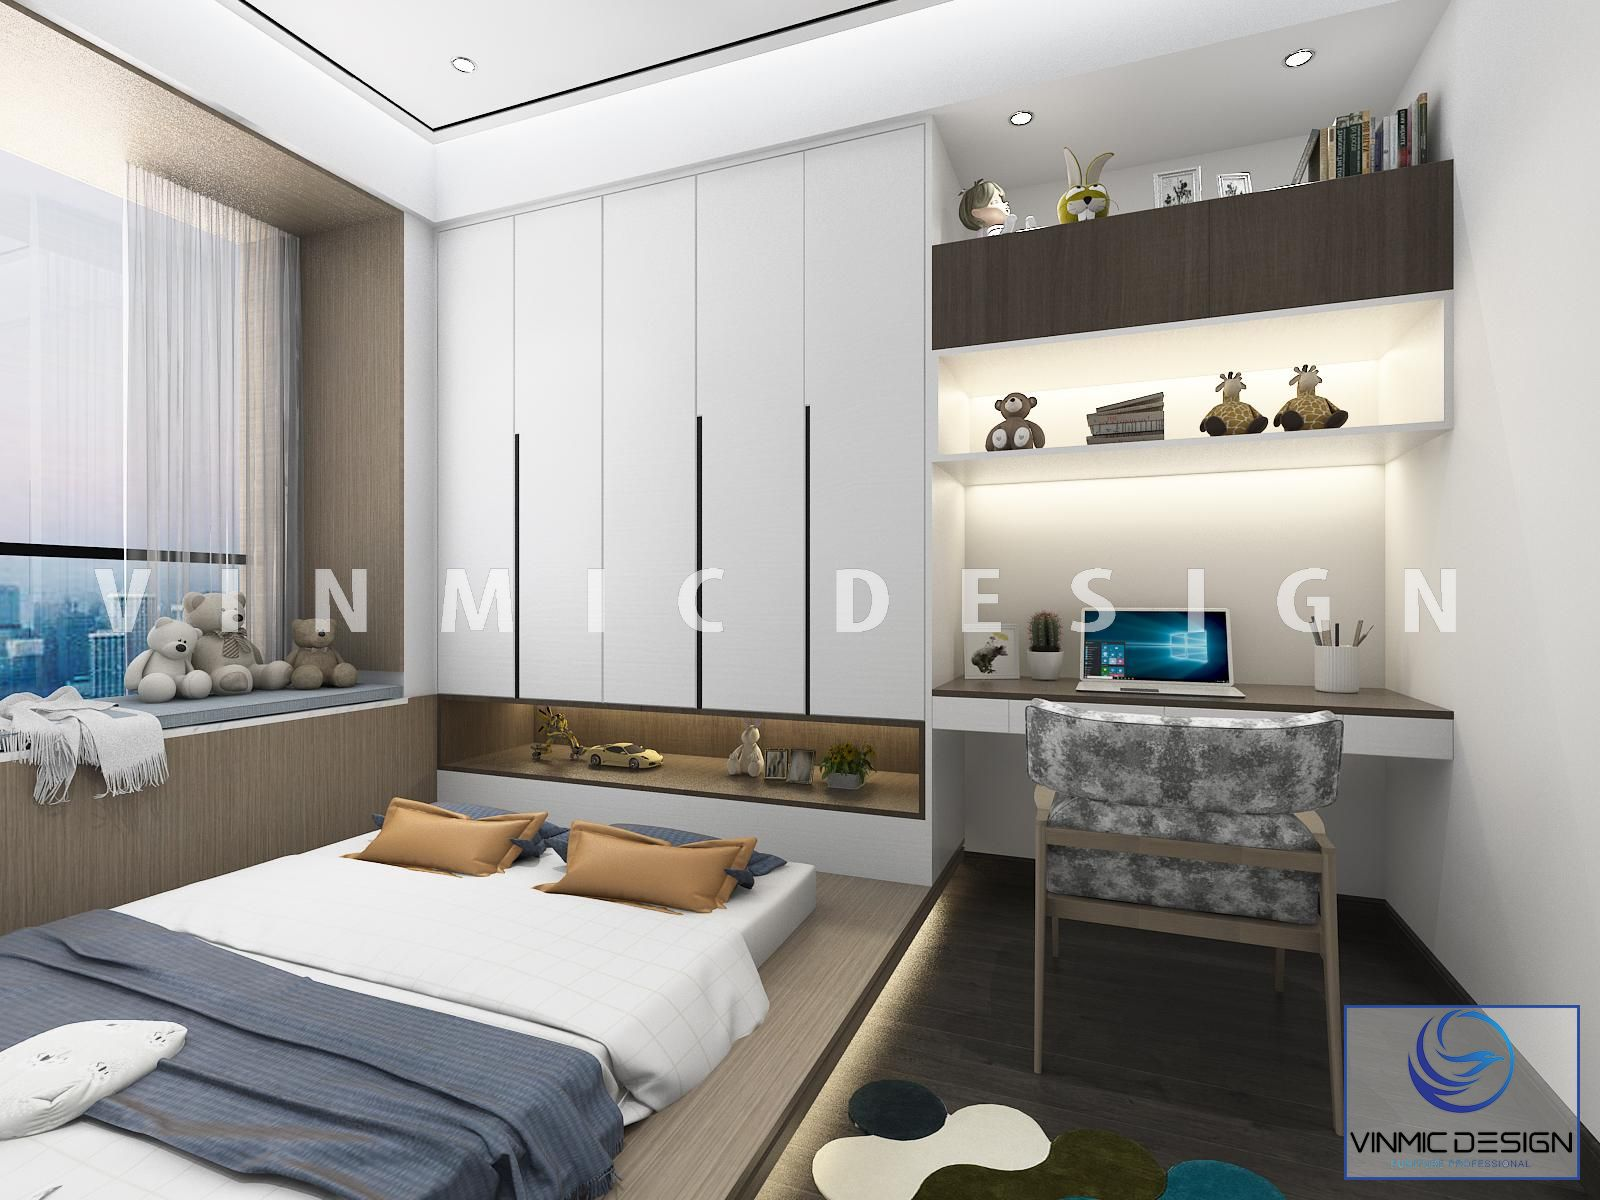 Một góc khác trong mẫu Thiết kế nội thất phòng ngủ hiện đại